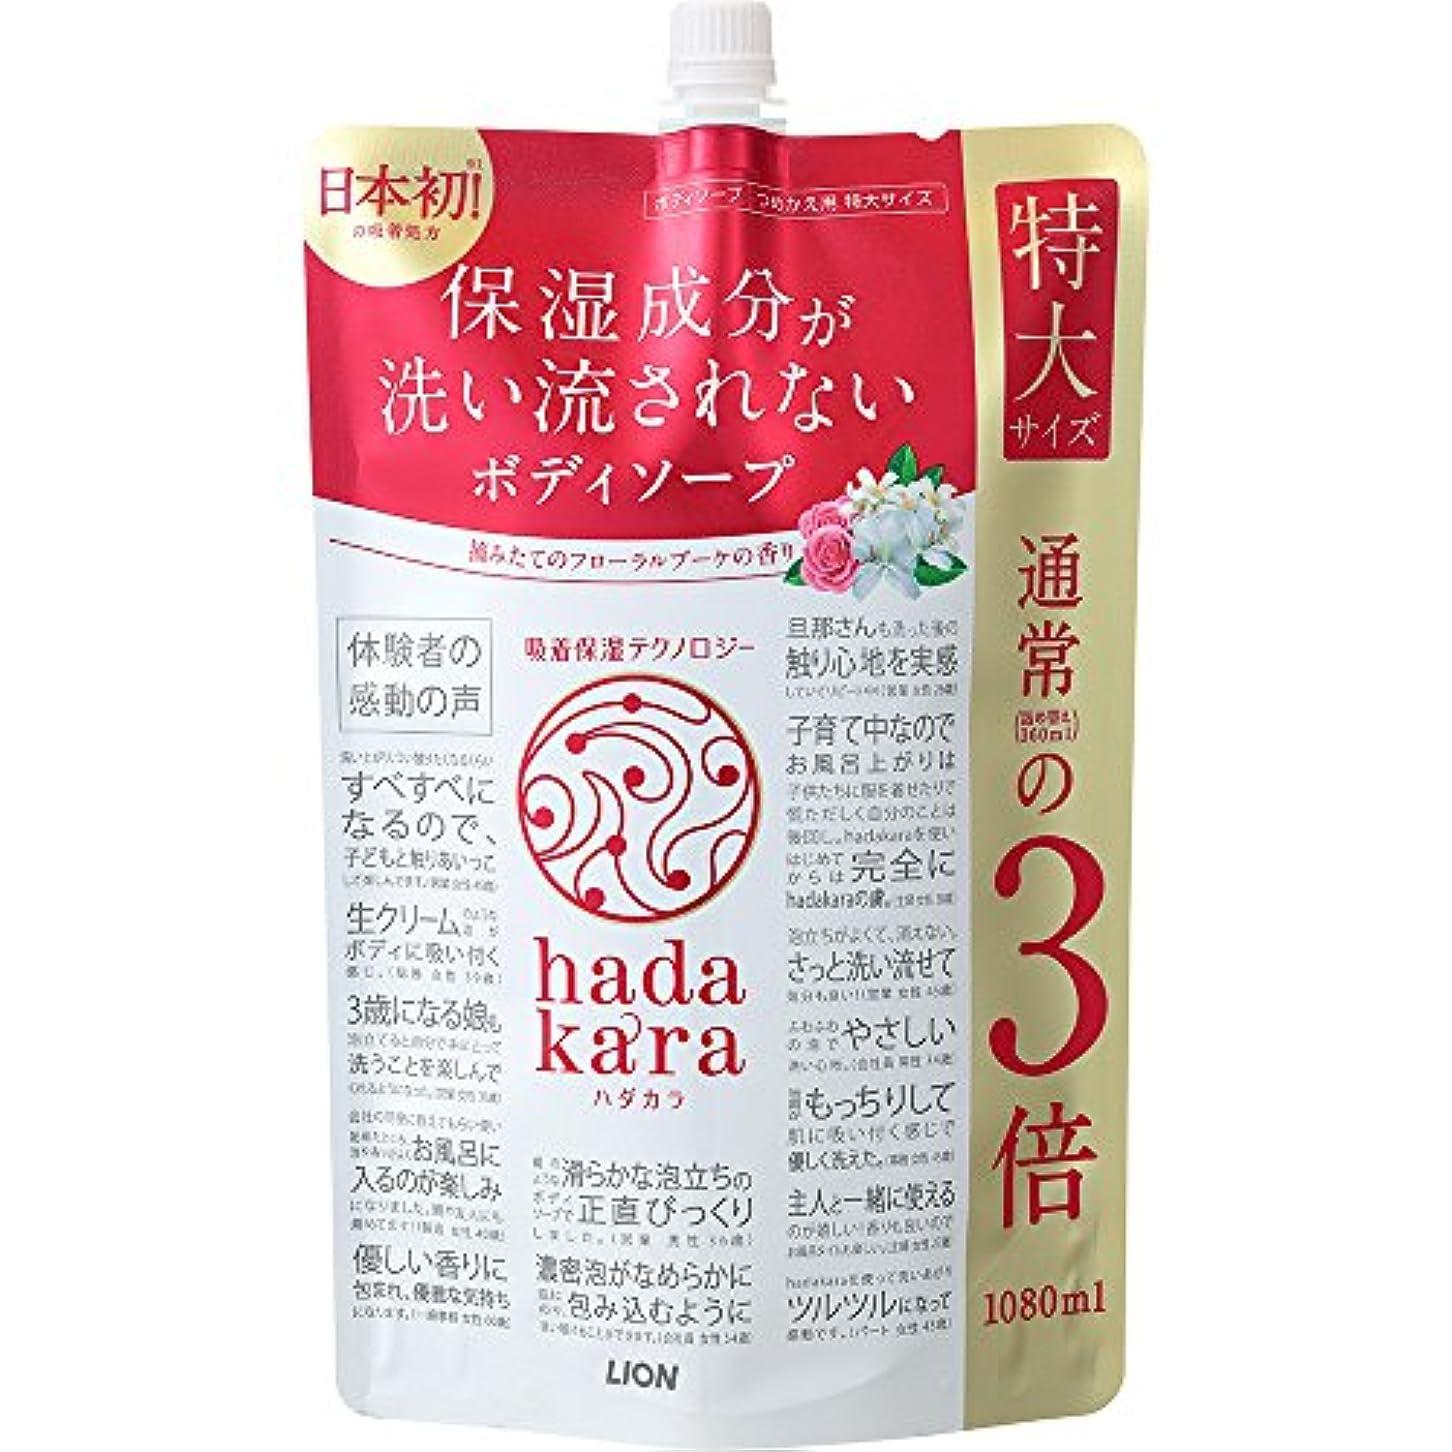 マカダム病んでいる海藻【大容量】hadakara(ハダカラ) ボディソープ フローラルブーケの香り 詰め替え 特大 1080ml